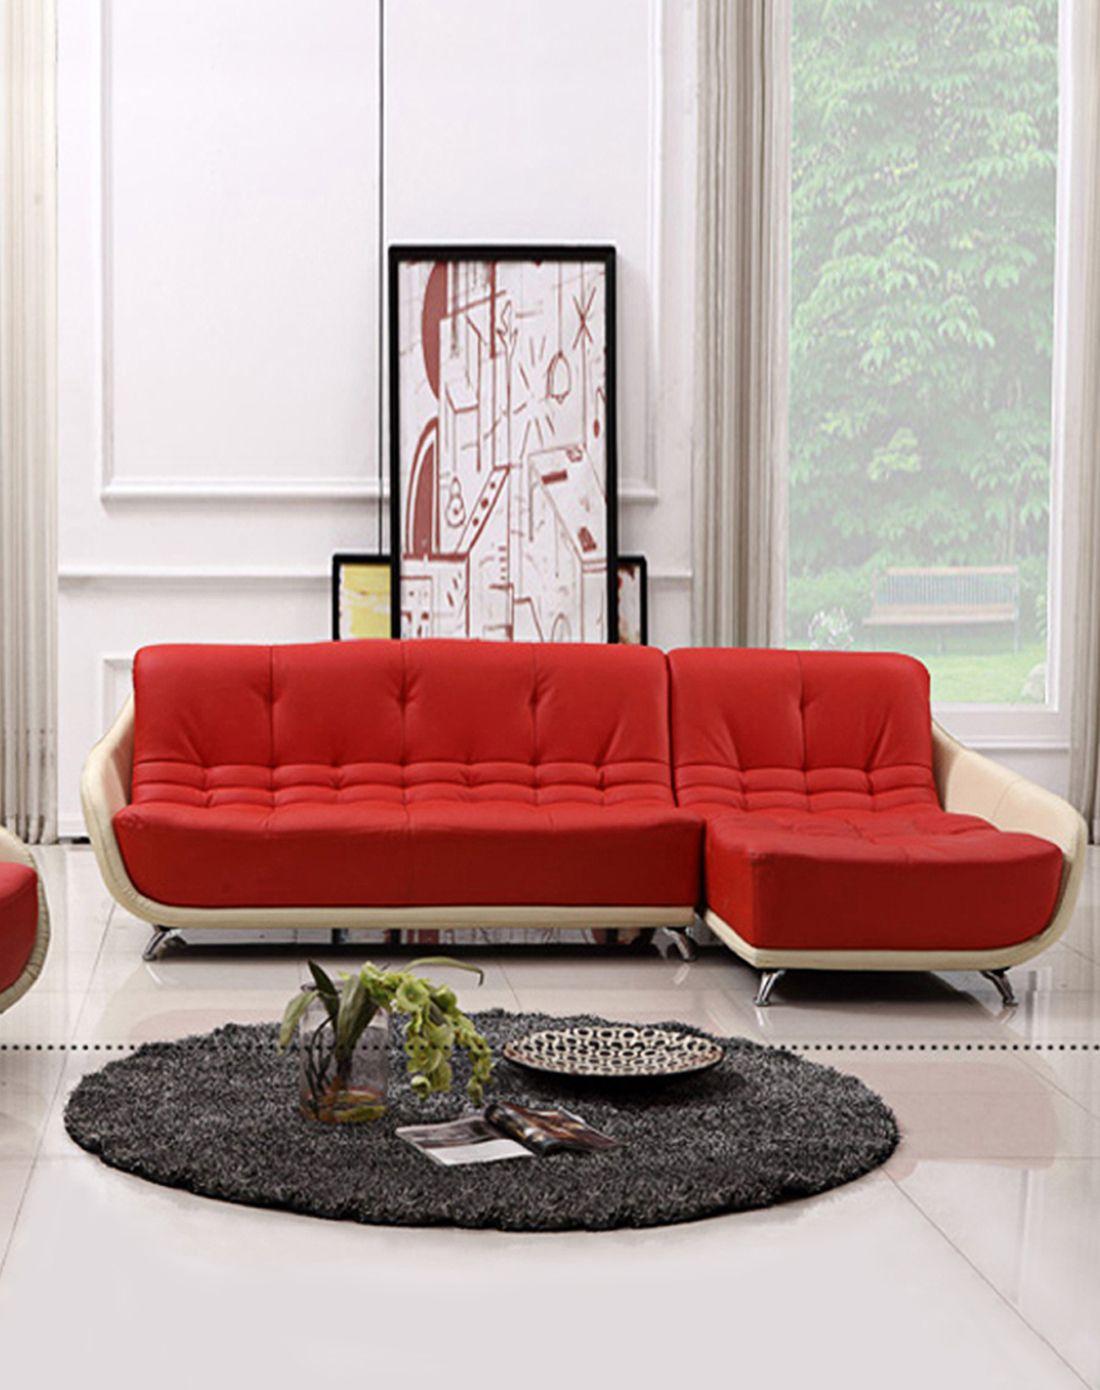 客厅沙发 双 贵妃左贵妃 上橘红色下白色 特价限量款